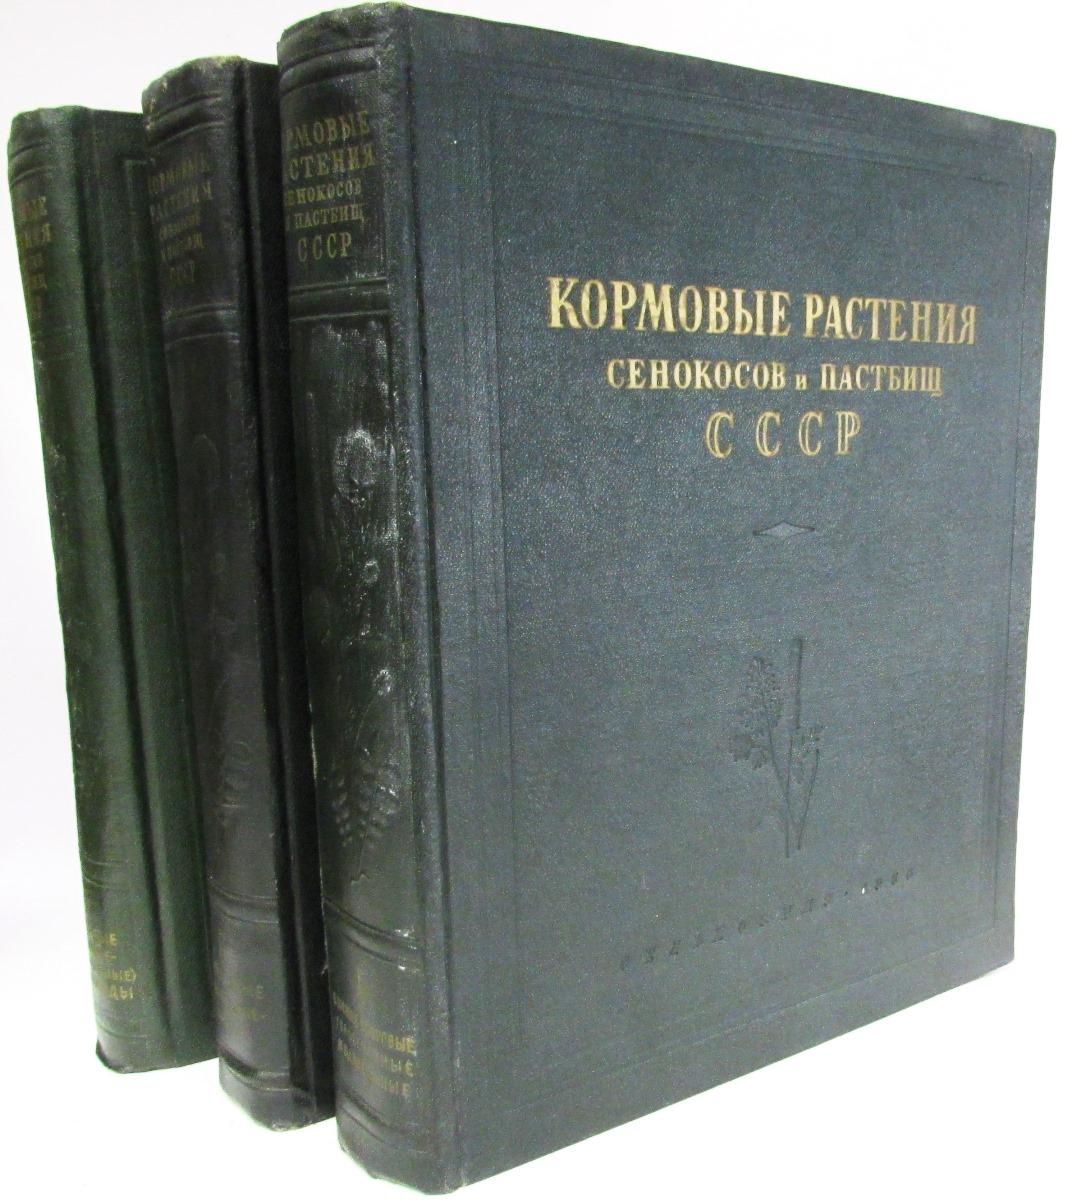 Кормовые растения сенокосов и пастбищ СССР (комплект из 3 книг)